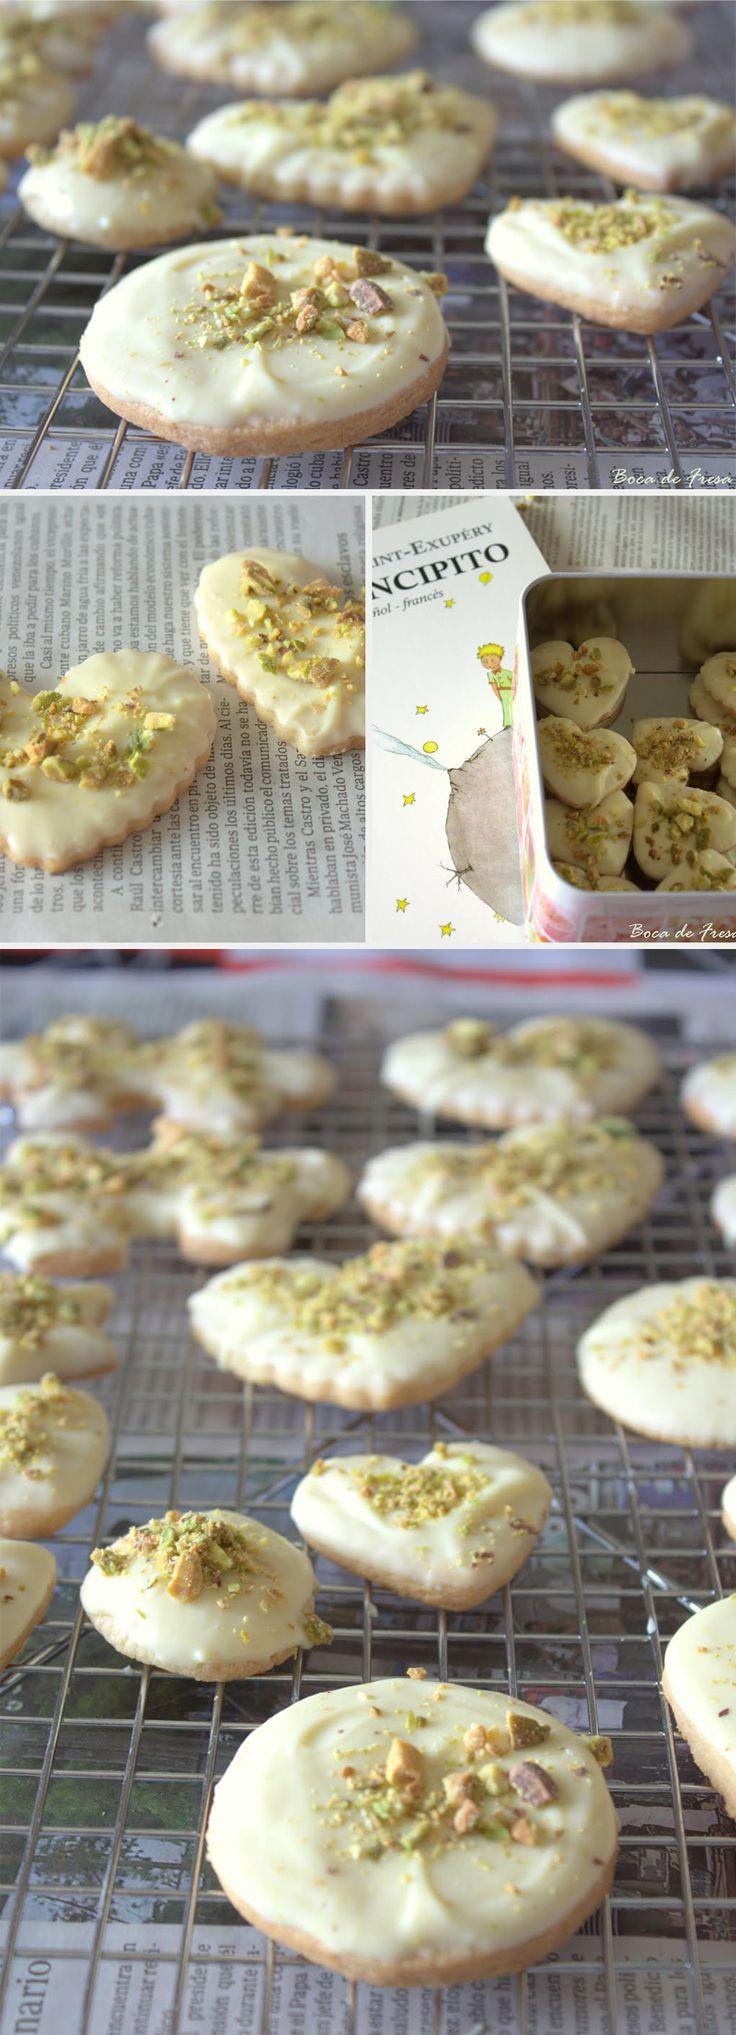 Pastas de chocolate blanco y pistachos / http://www.bocadefresa.net/